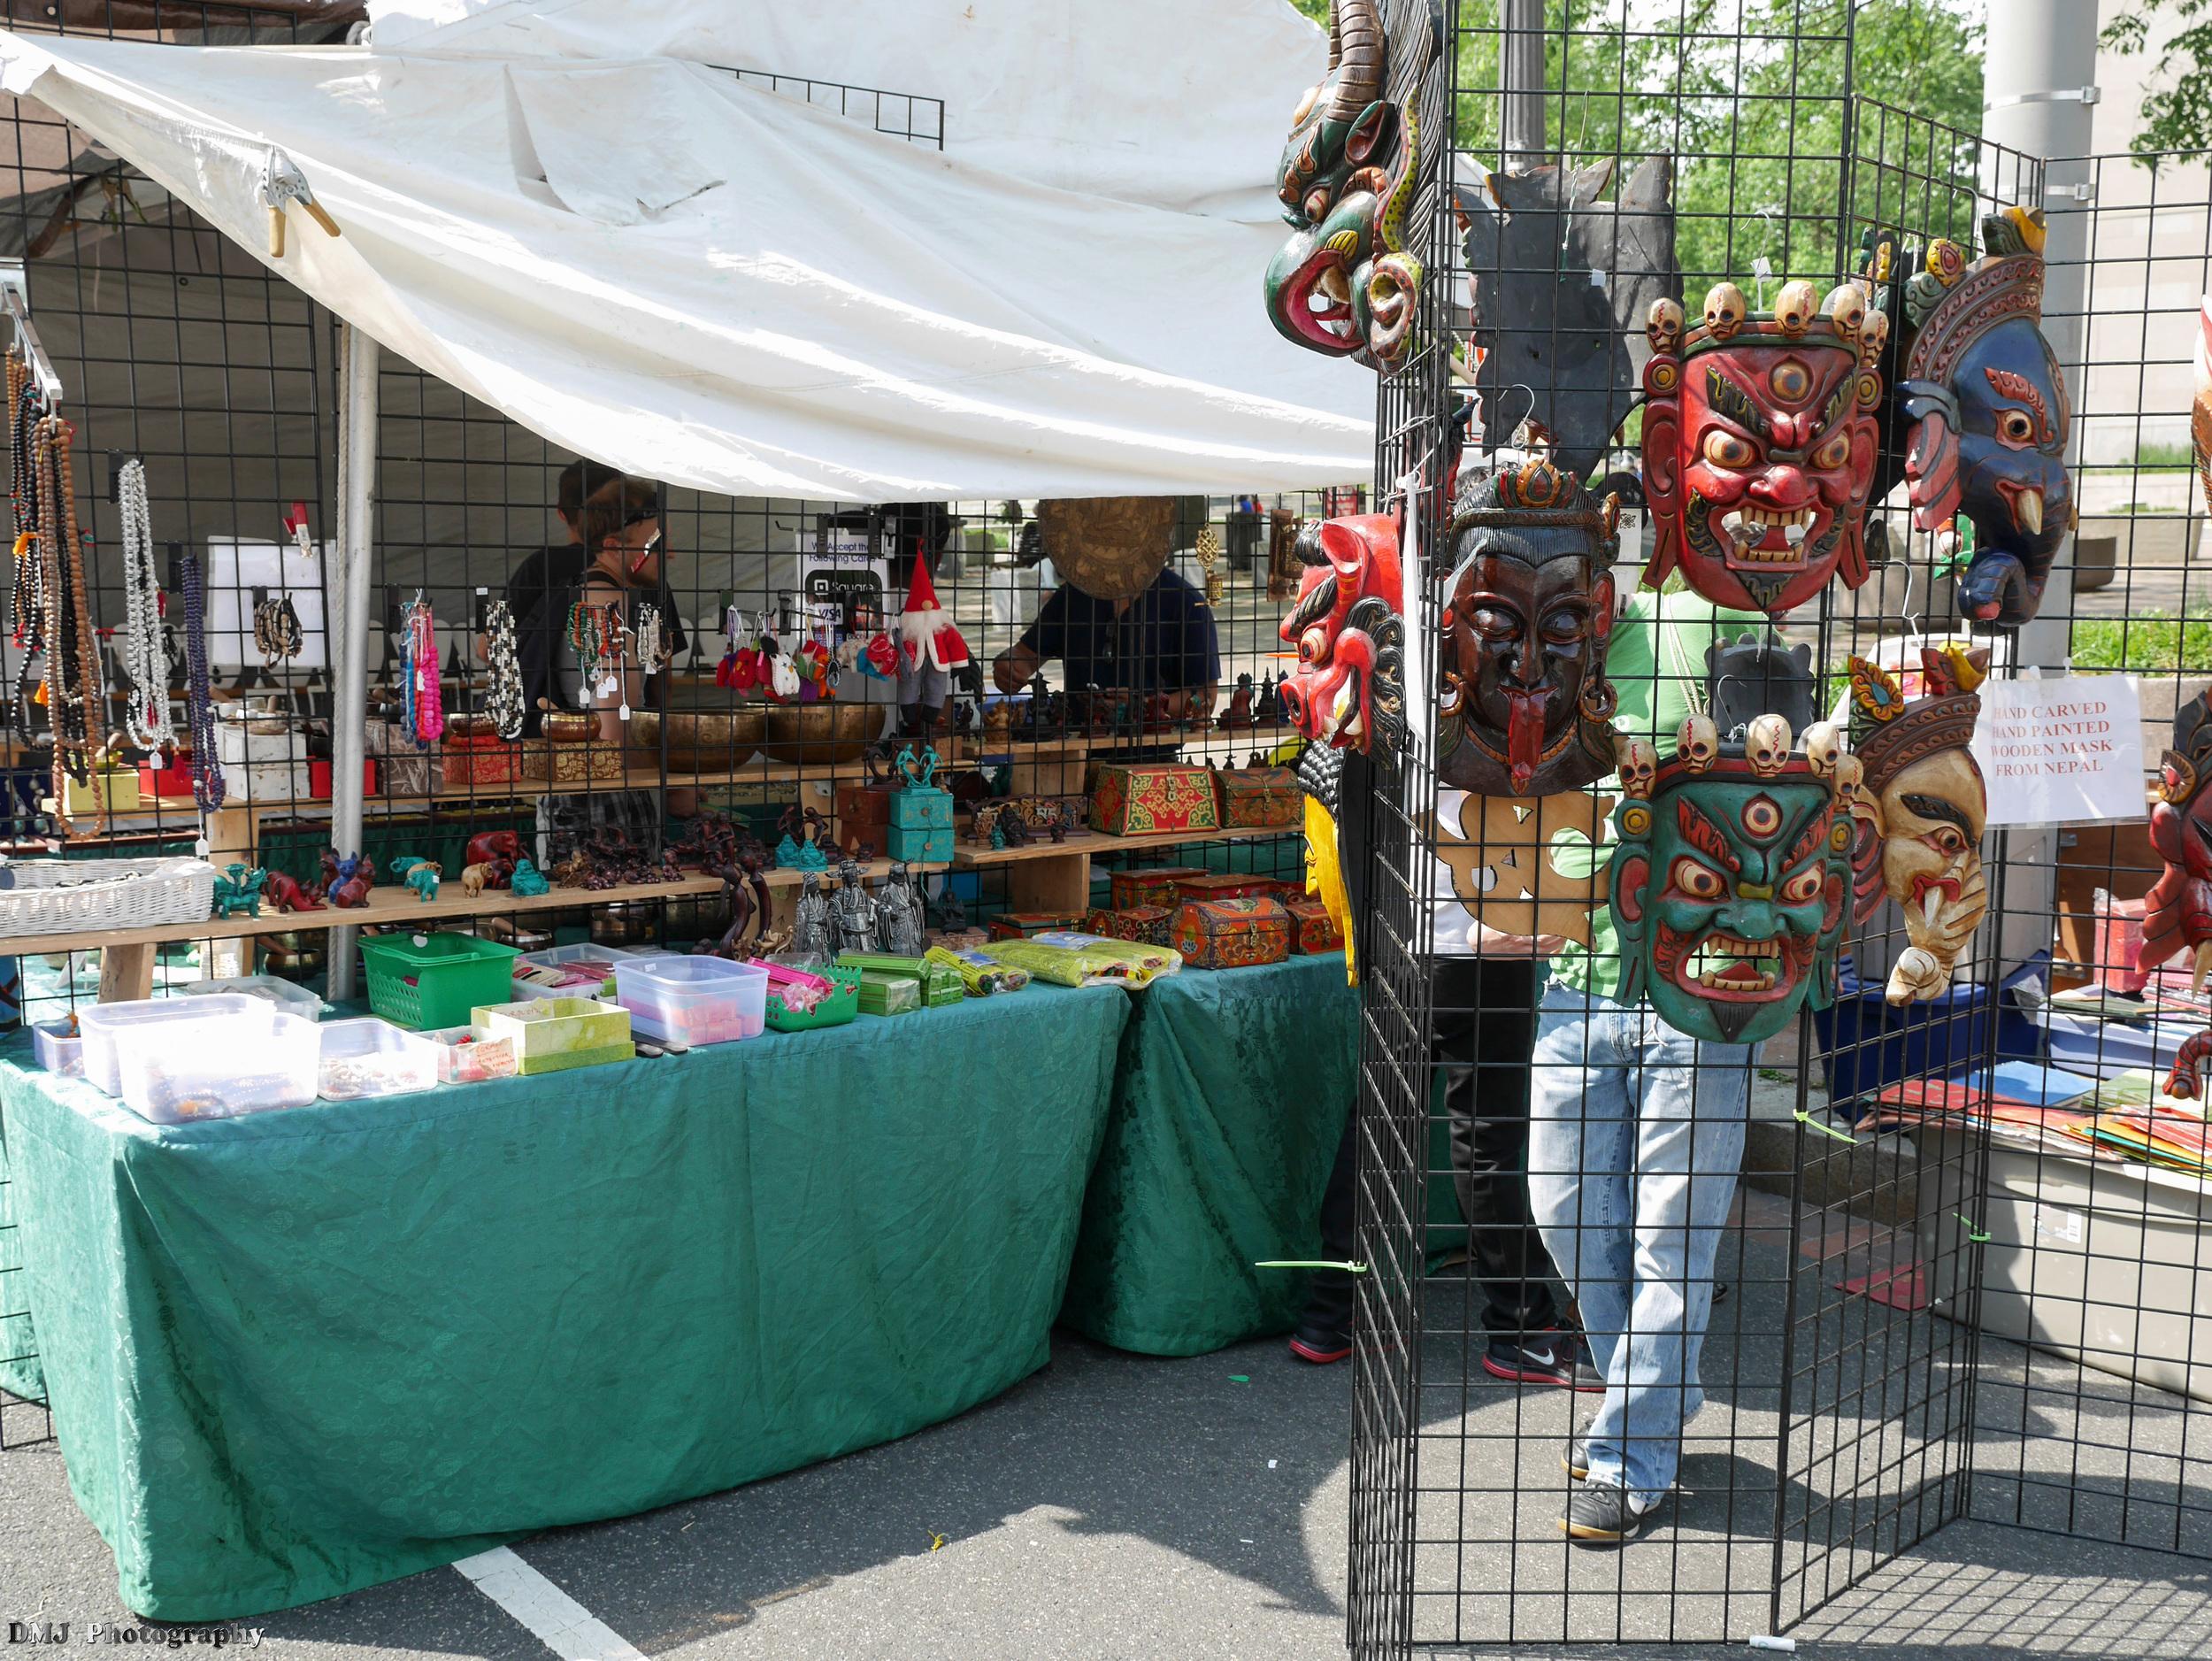 fiesta_asia_street_festival_2015_streets_1.jpg